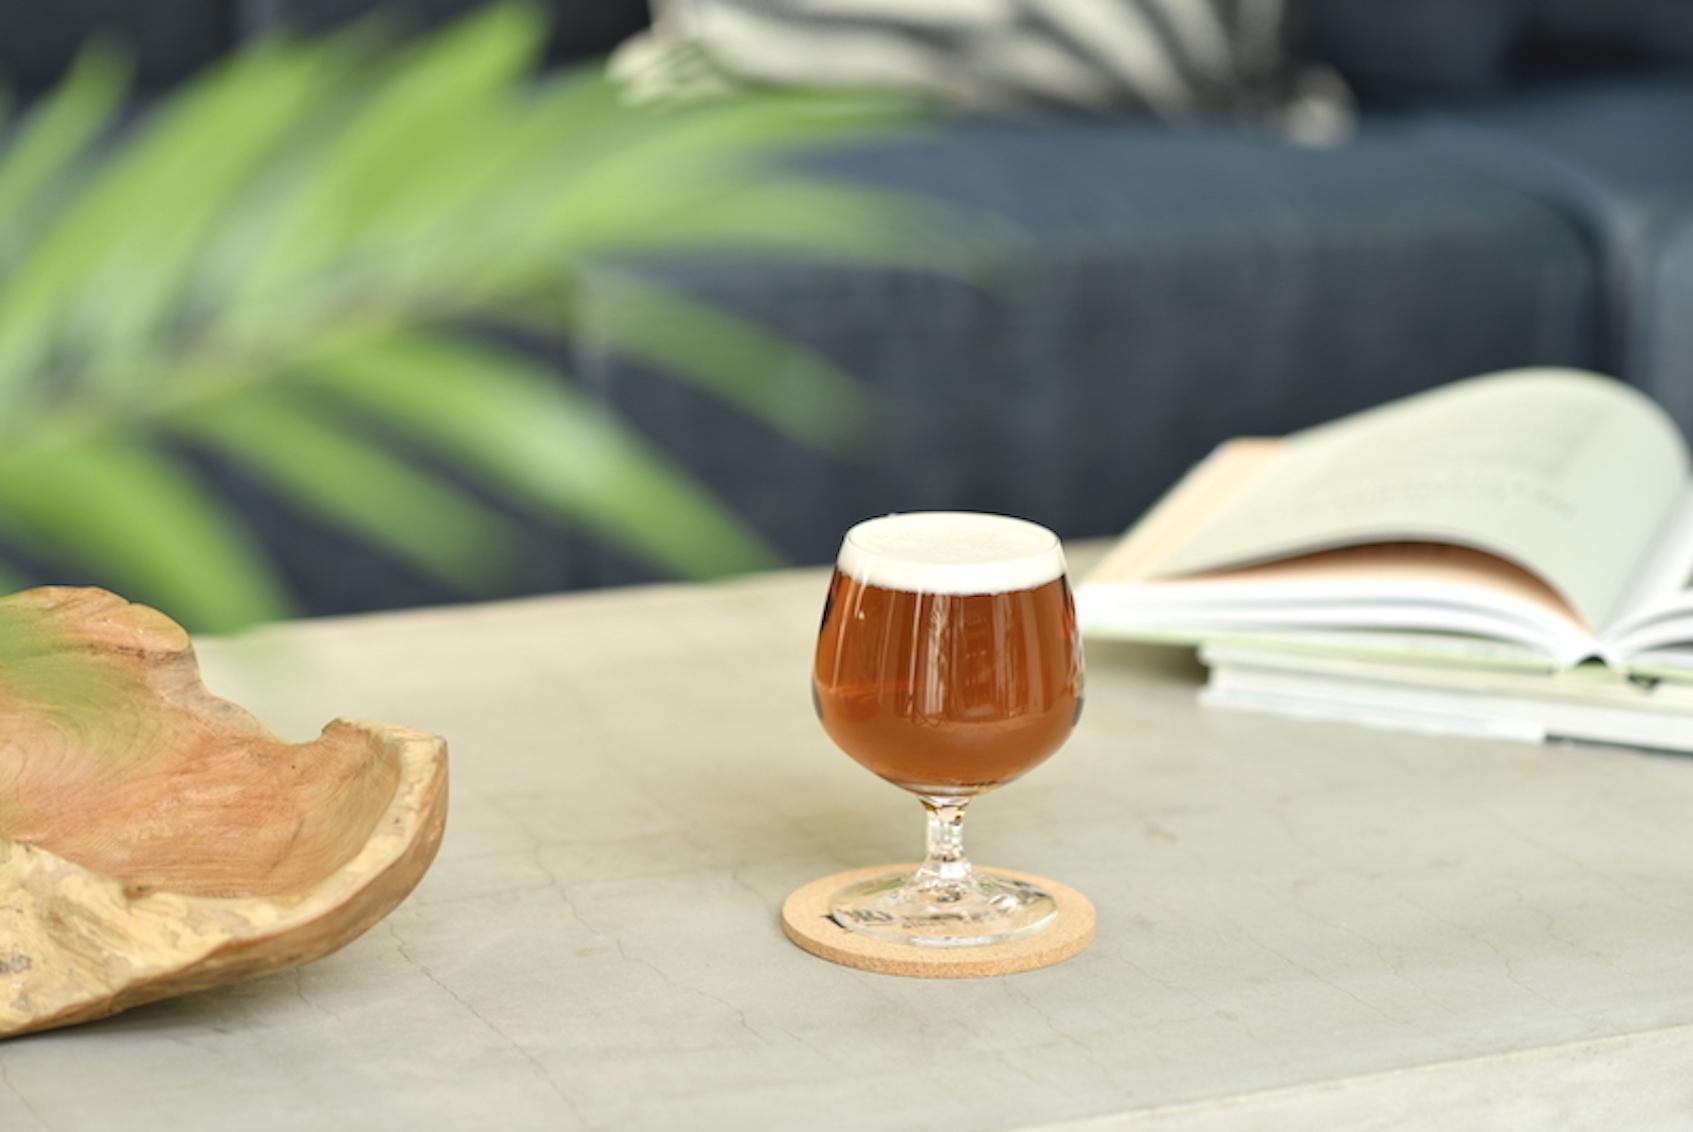 クラフトビールって何?定義や特徴、種類について知ってみよう!